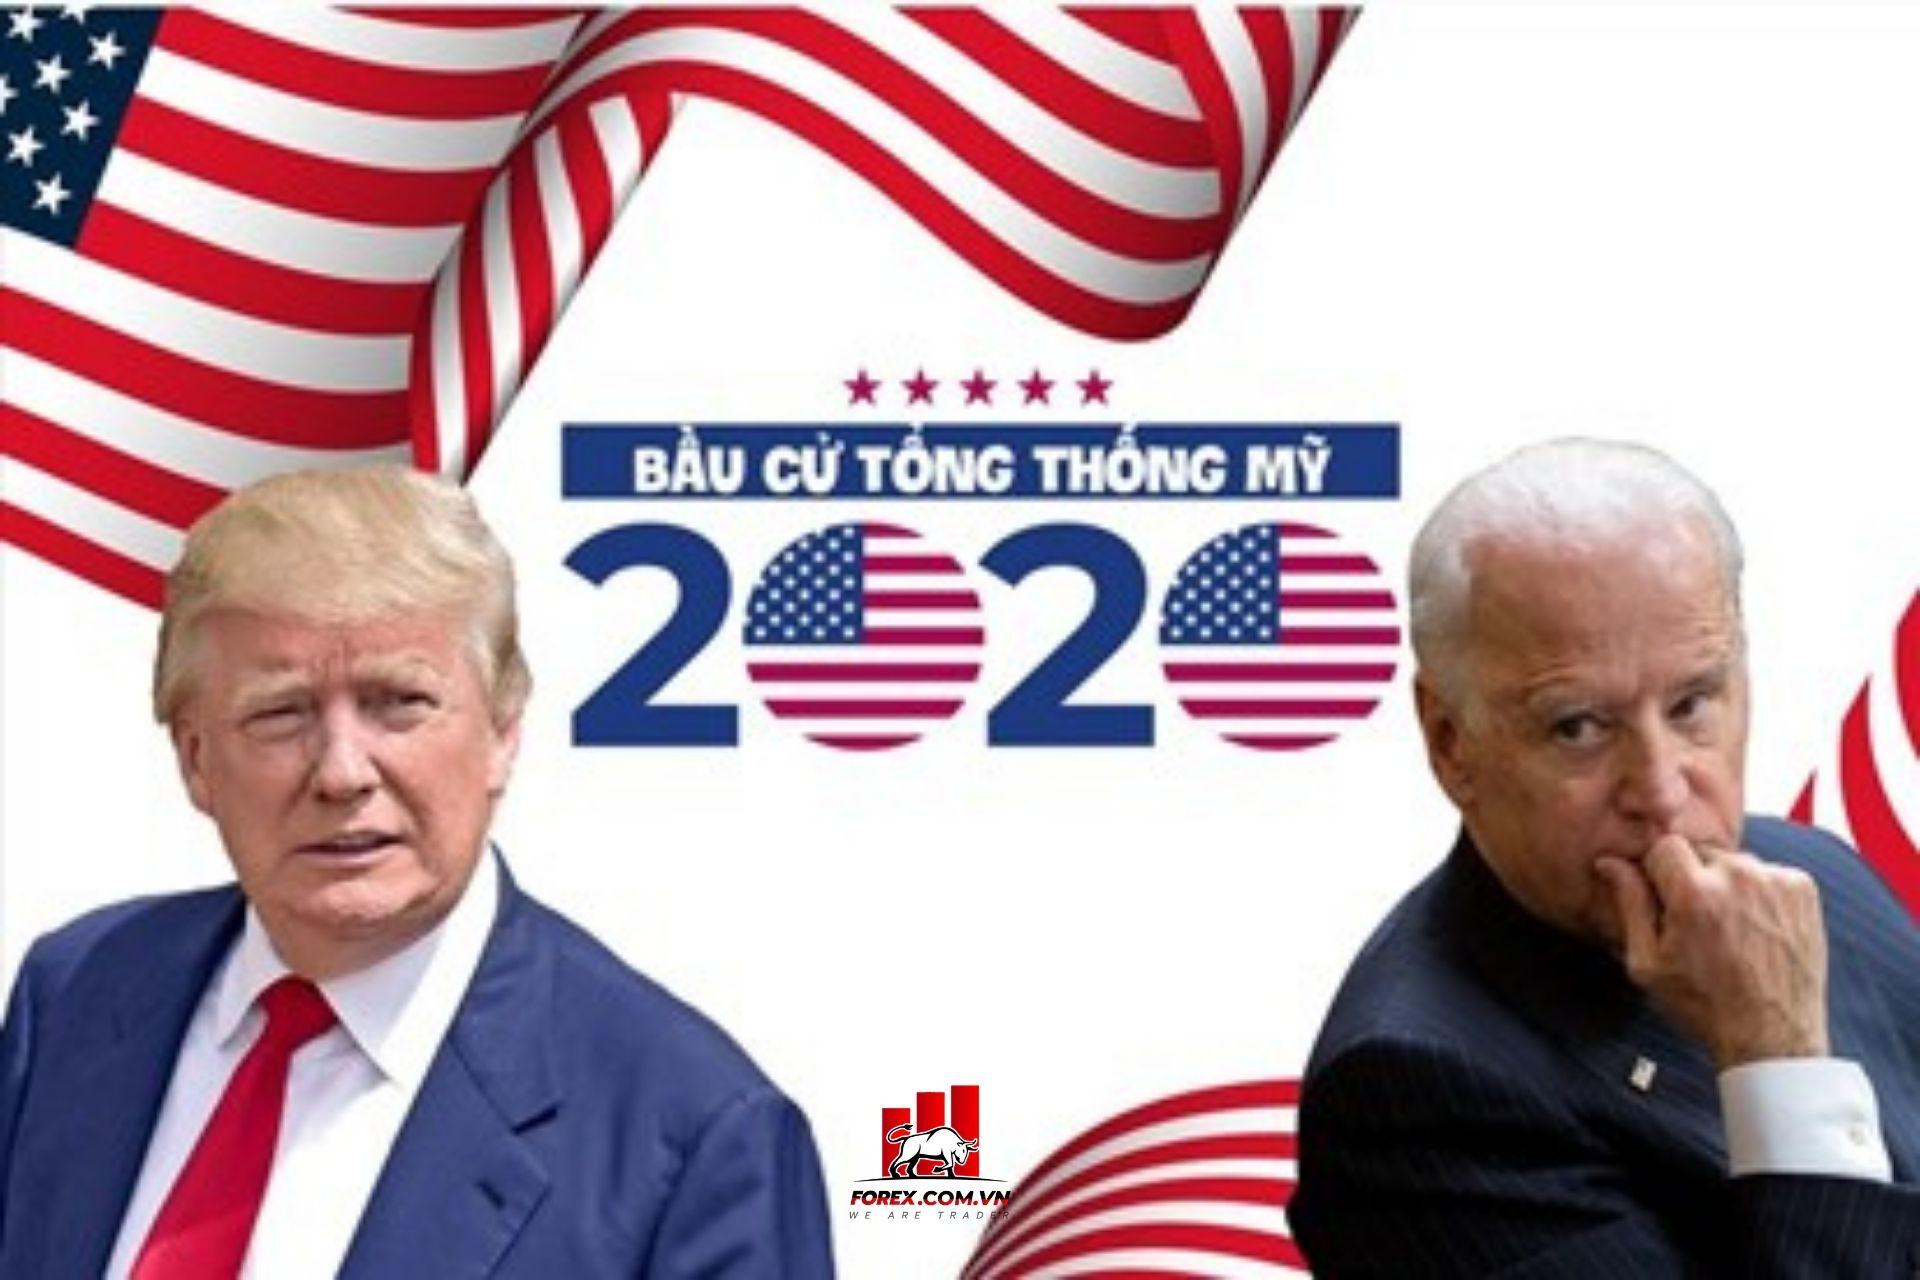 joe biden thang cu tong thong my